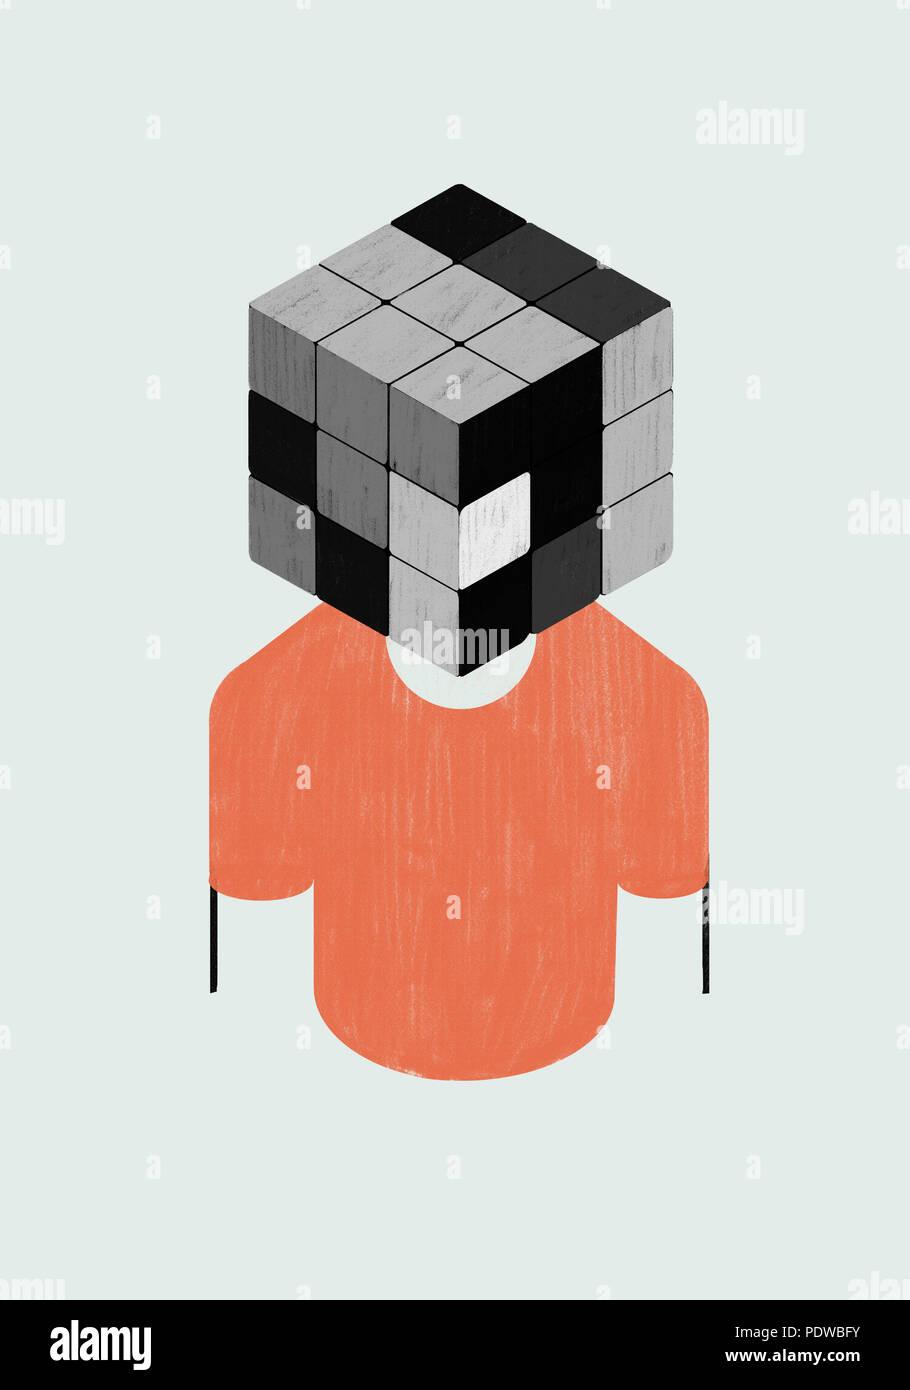 Psychologie. Konzept Graustufen Metapher. Geist als ein Rubik's Cube. Stockbild